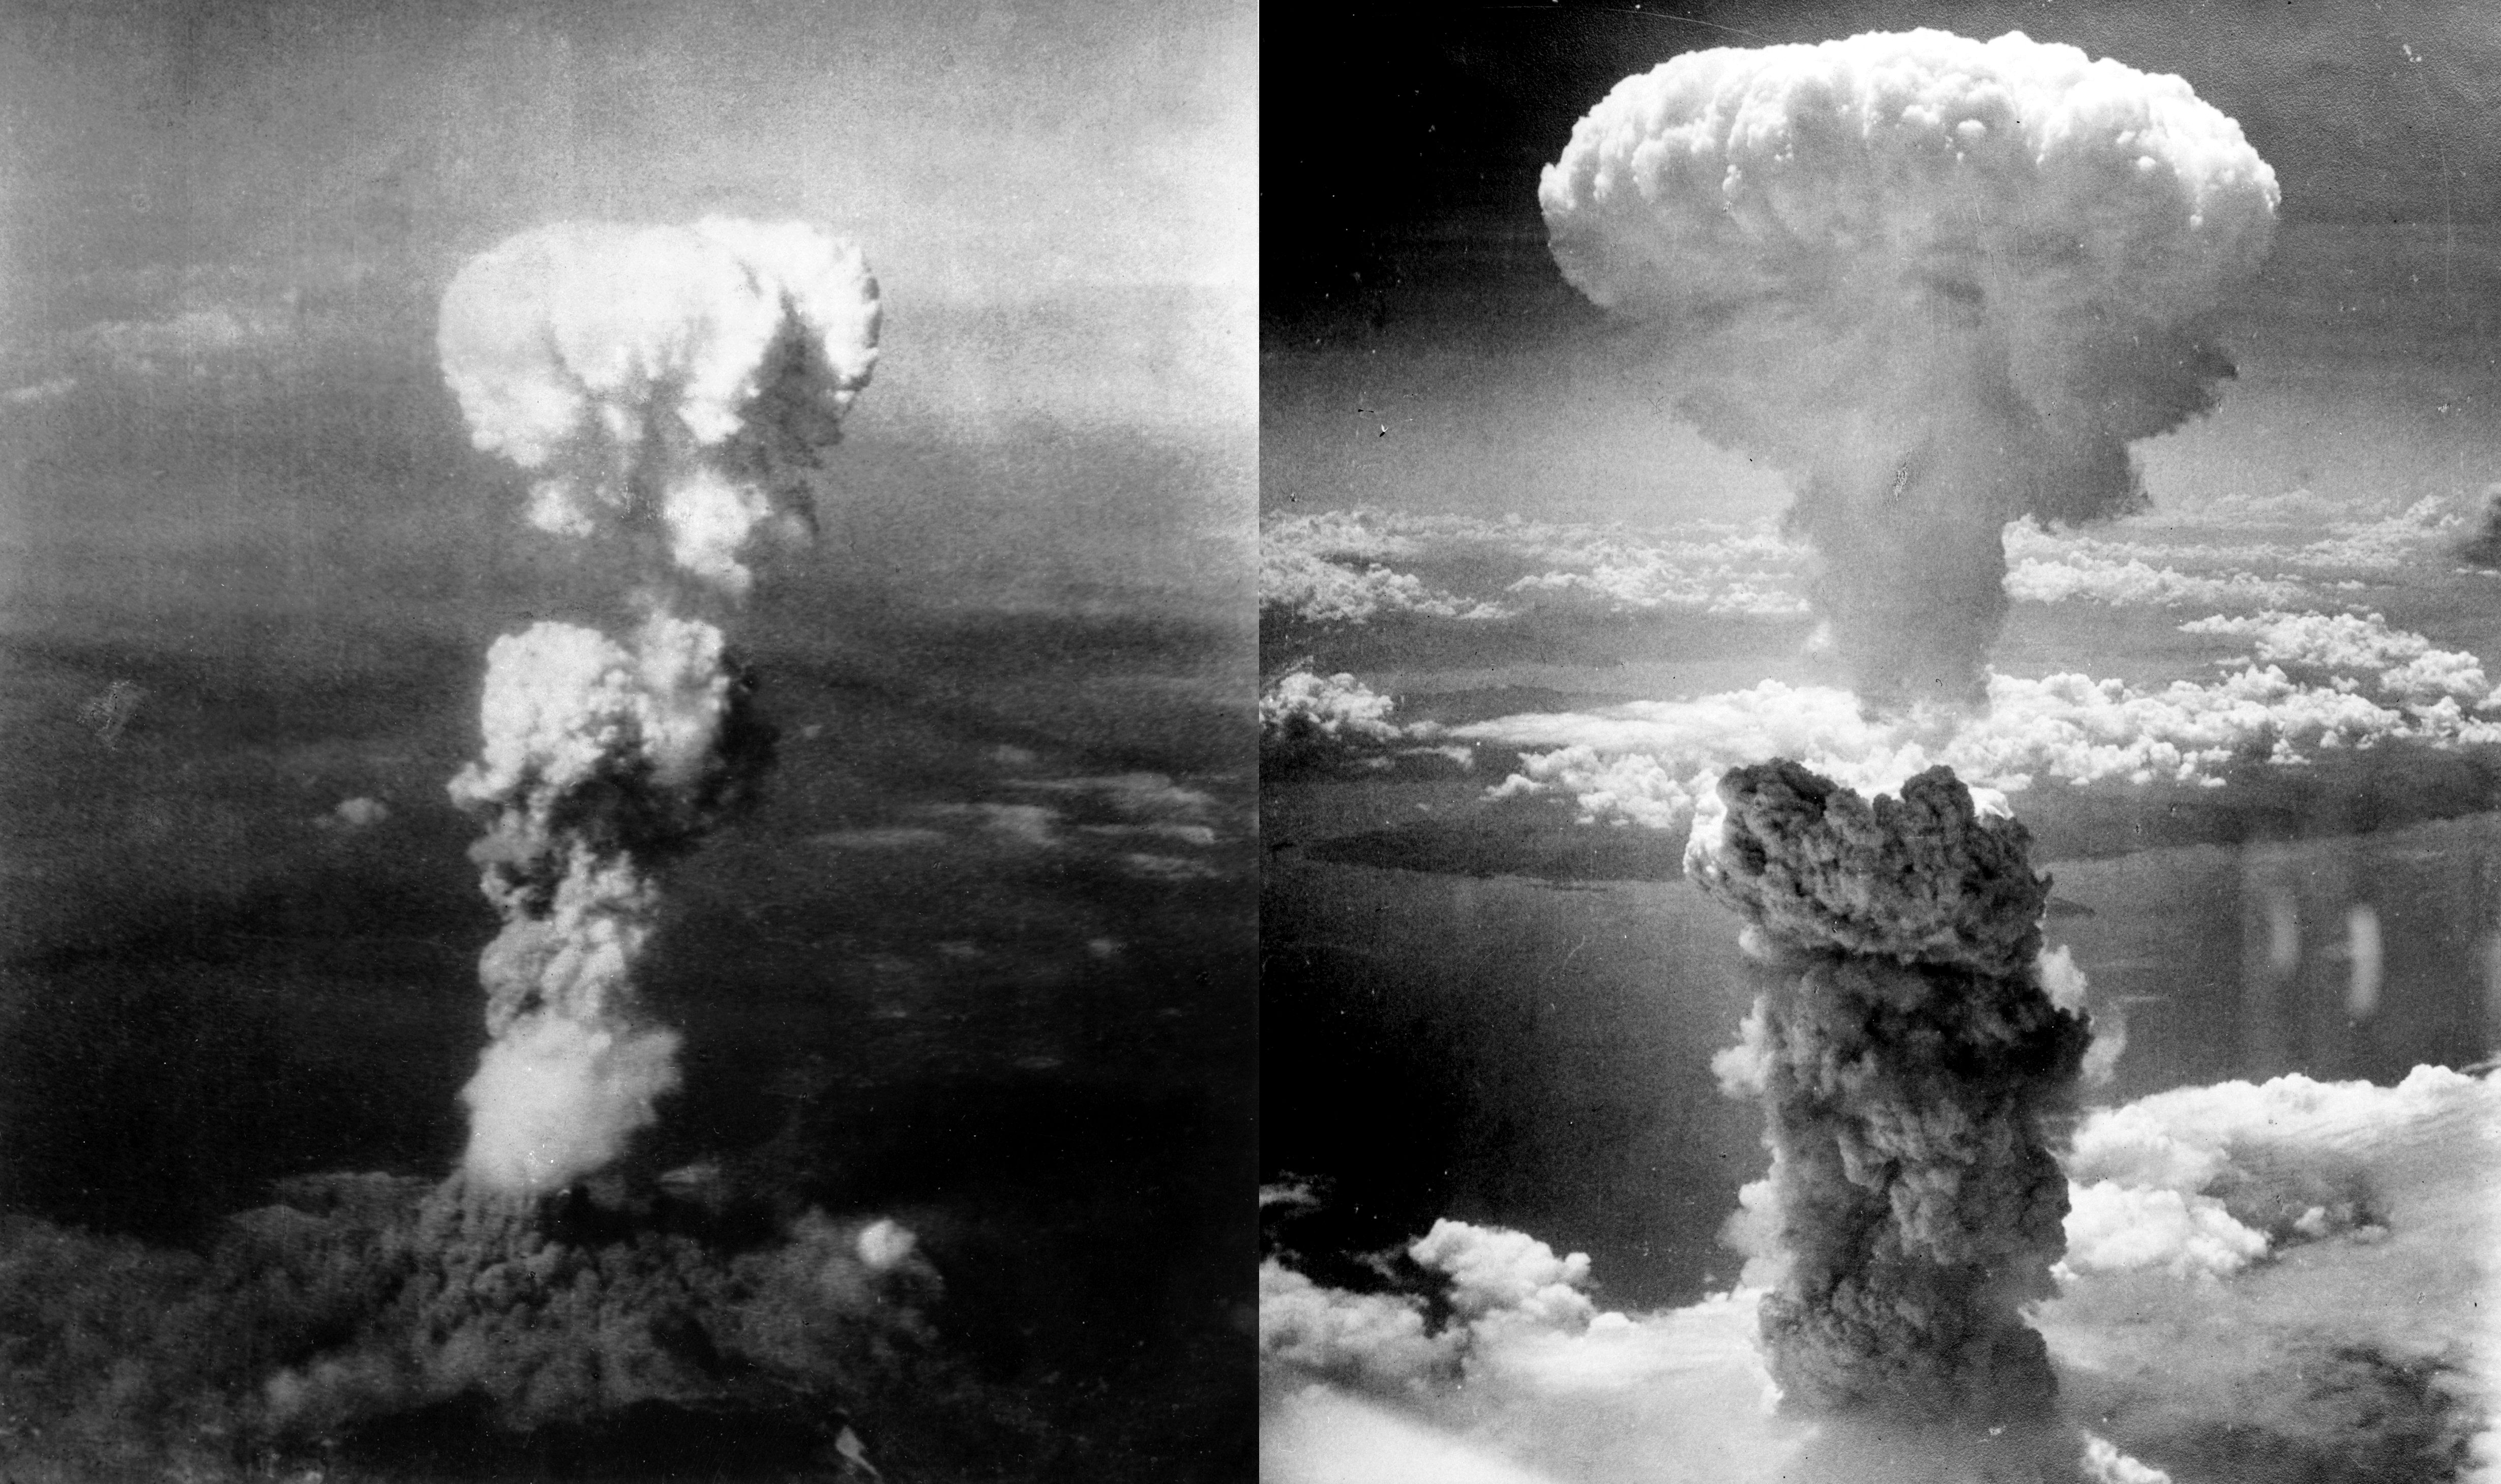 Атомные бомбардировки Хиросимы и Нагасаки,1945